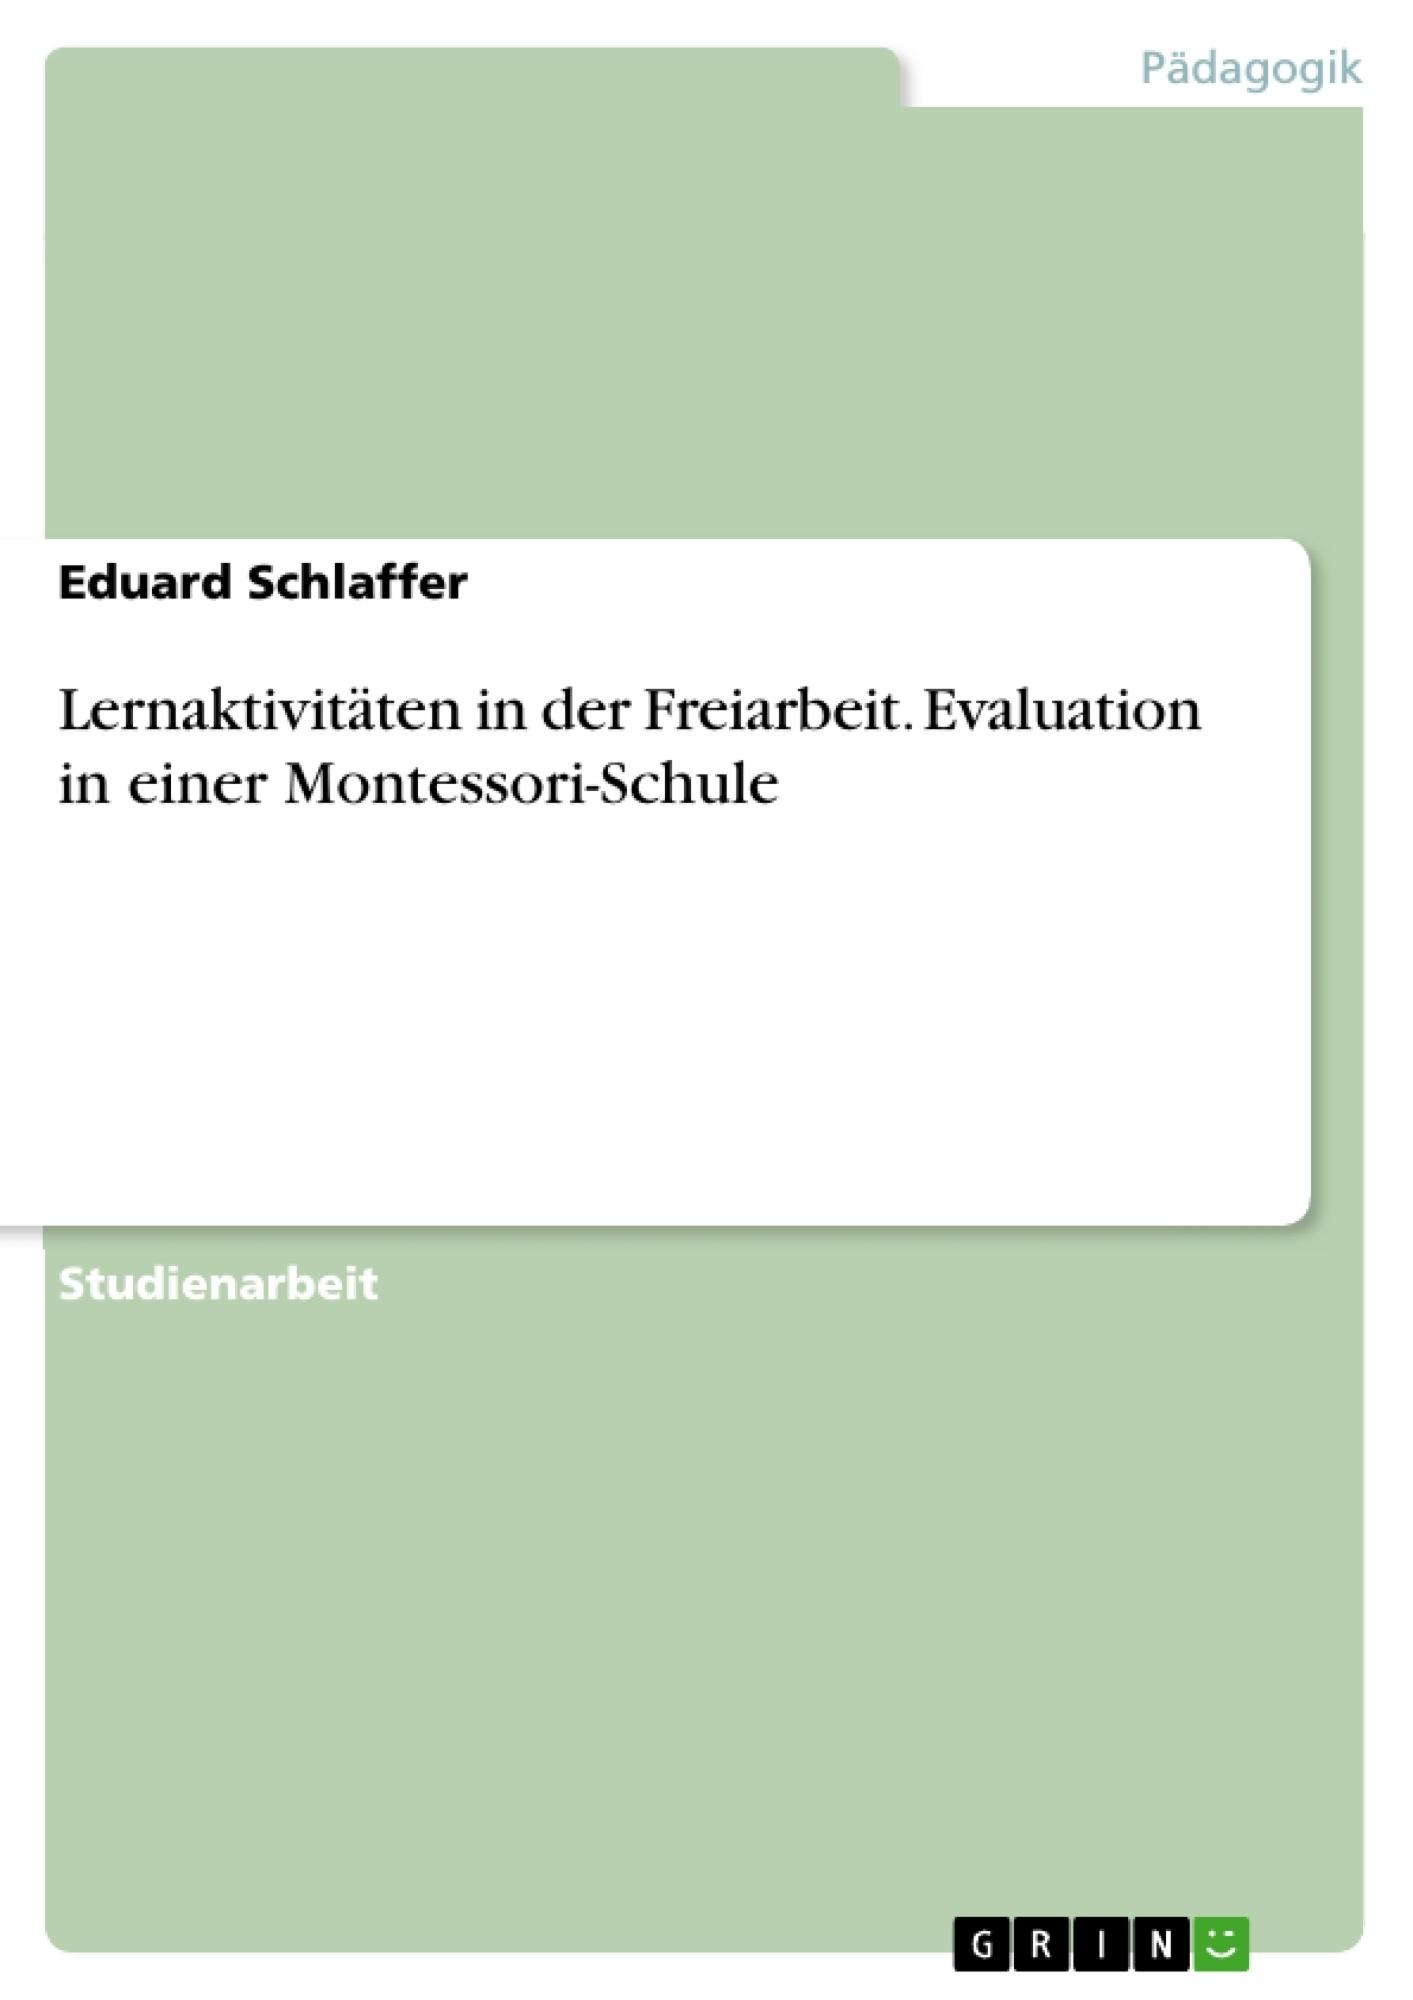 Titel: Lernaktivitäten in der Freiarbeit. Evaluation in einer Montessori-Schule